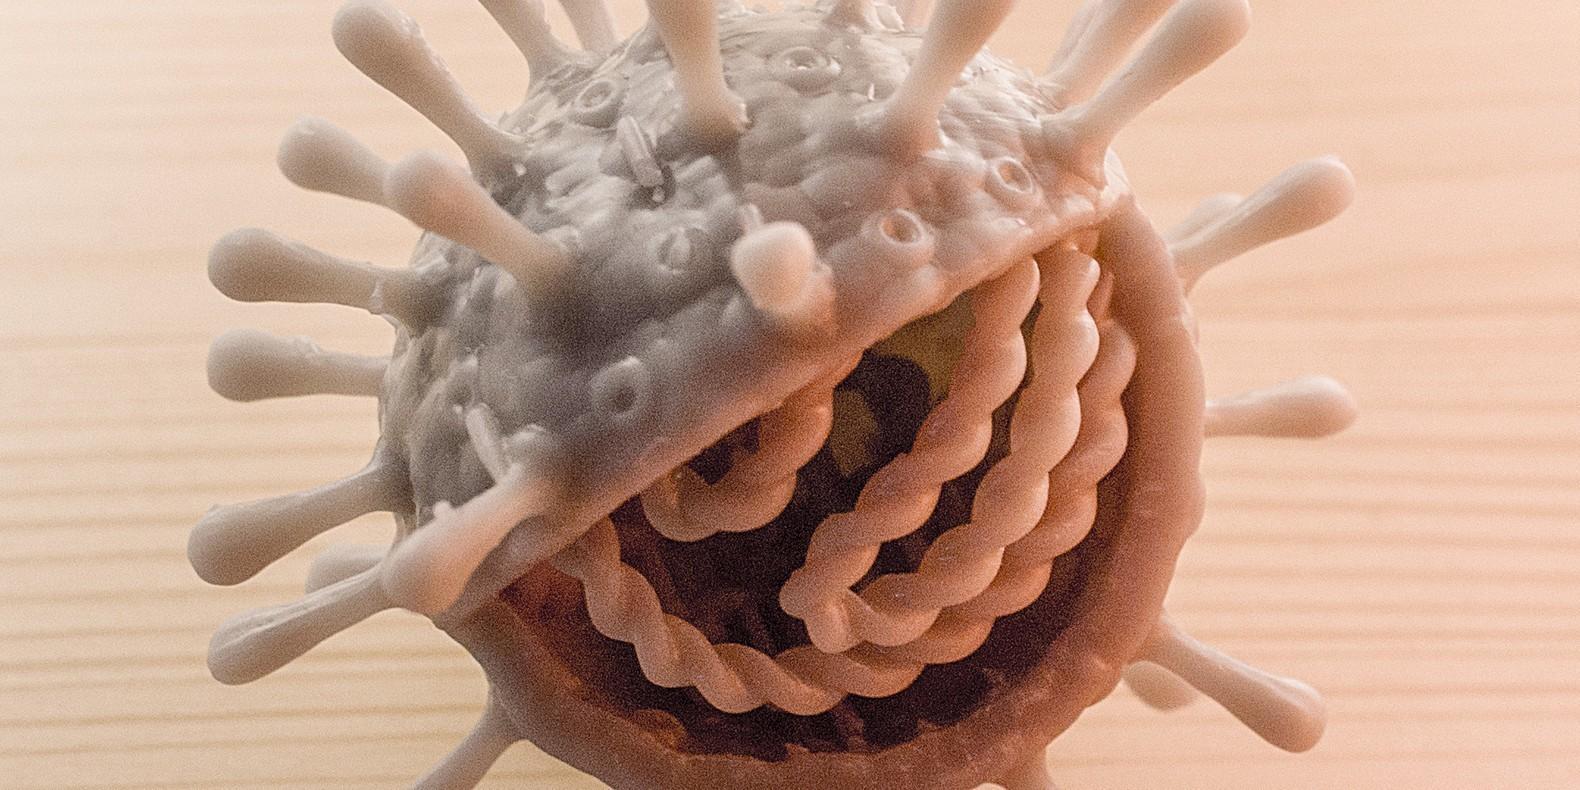 Aquí hay una selección de los modelos 3D más útiles para hacer con una impresora 3D contra el coronavirus covid-19